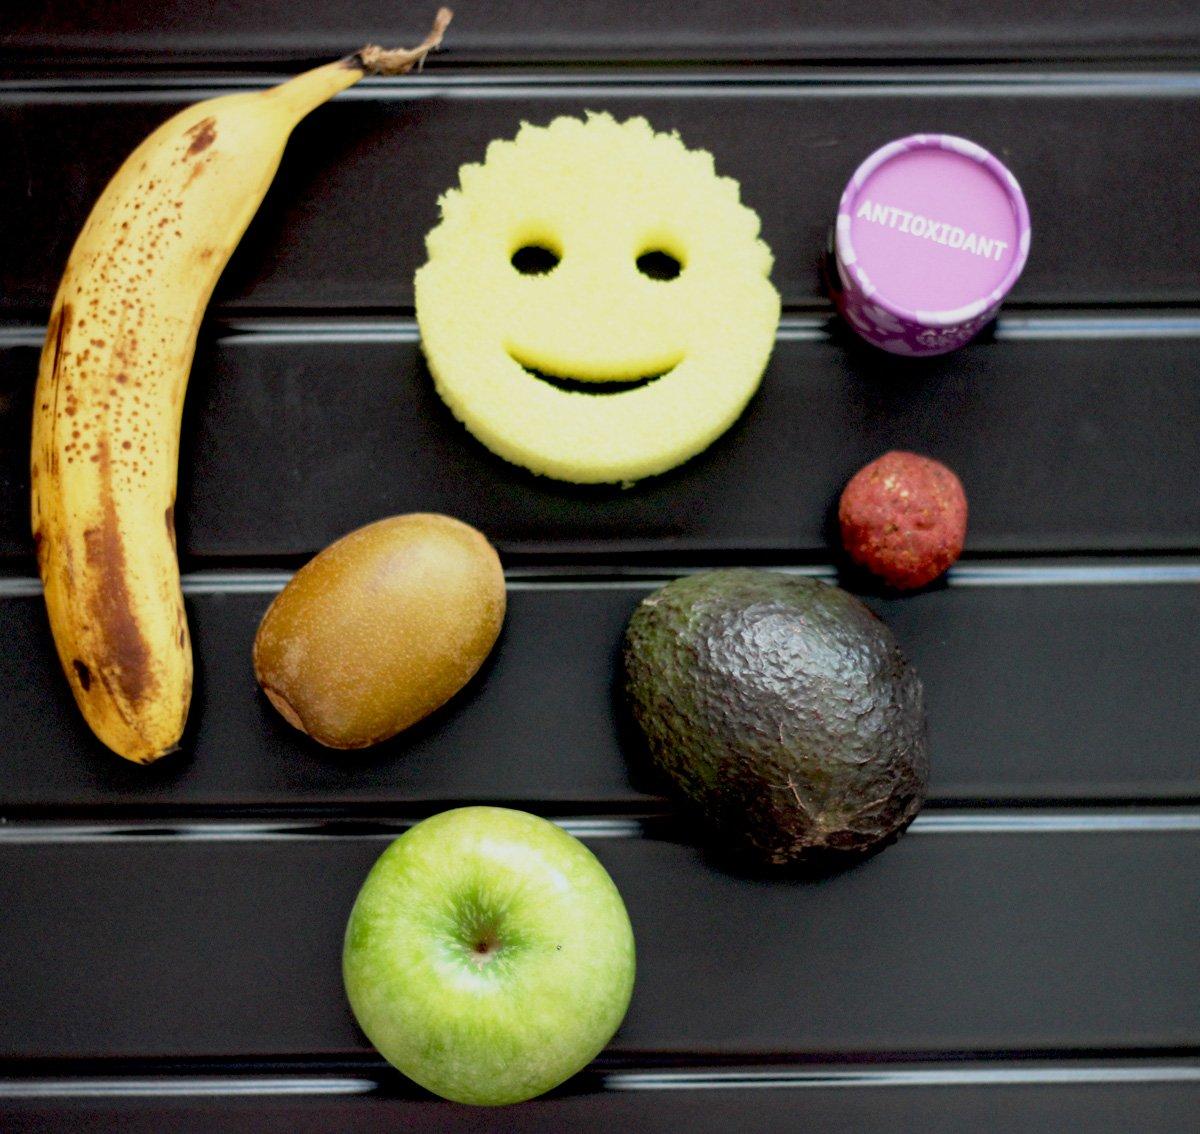 blendies von Hummingbird, Smoothie, Healthy, Gesund, Obst, Gemüse, gesunde Ernährung, verschiedene Zutaten,